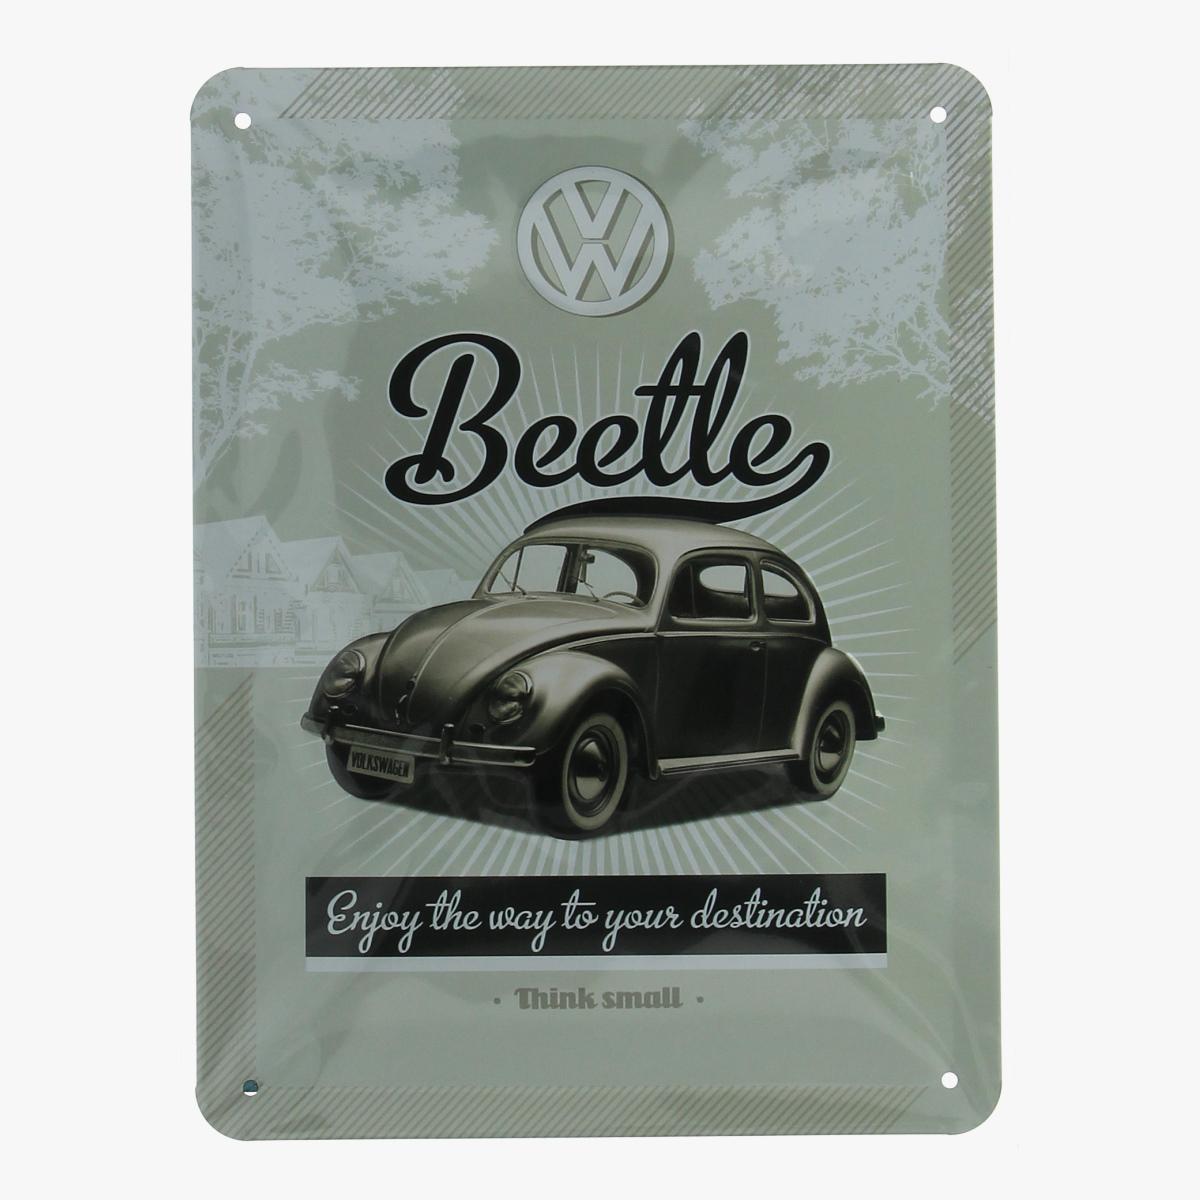 Afbeeldingen van blikken bordje volkswagen beetle